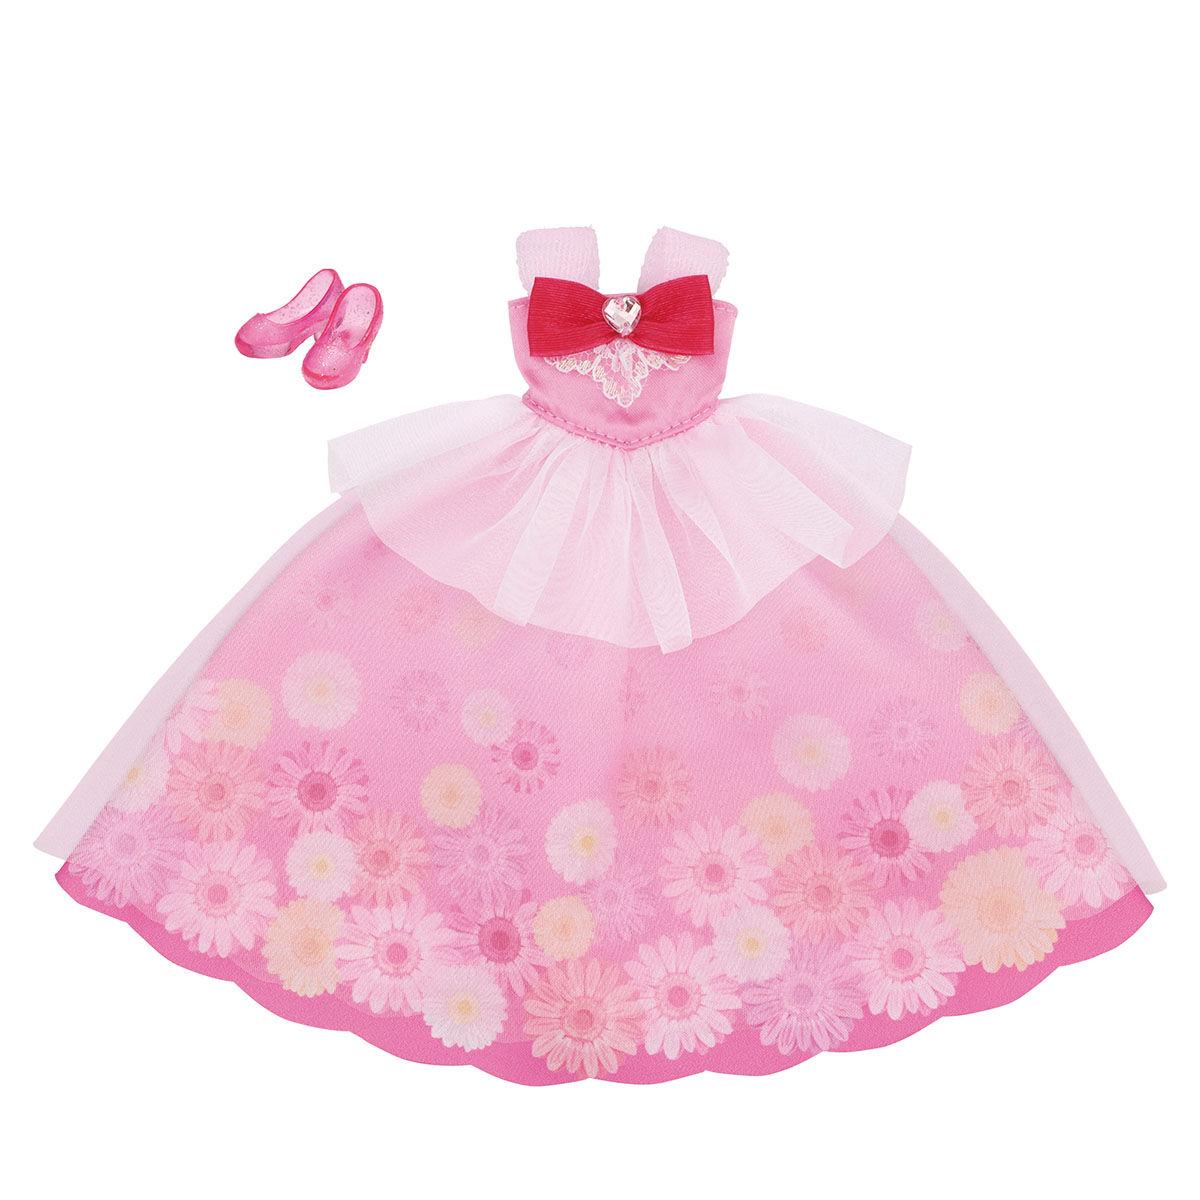 プリキュアスタイル フラワーロングドレス